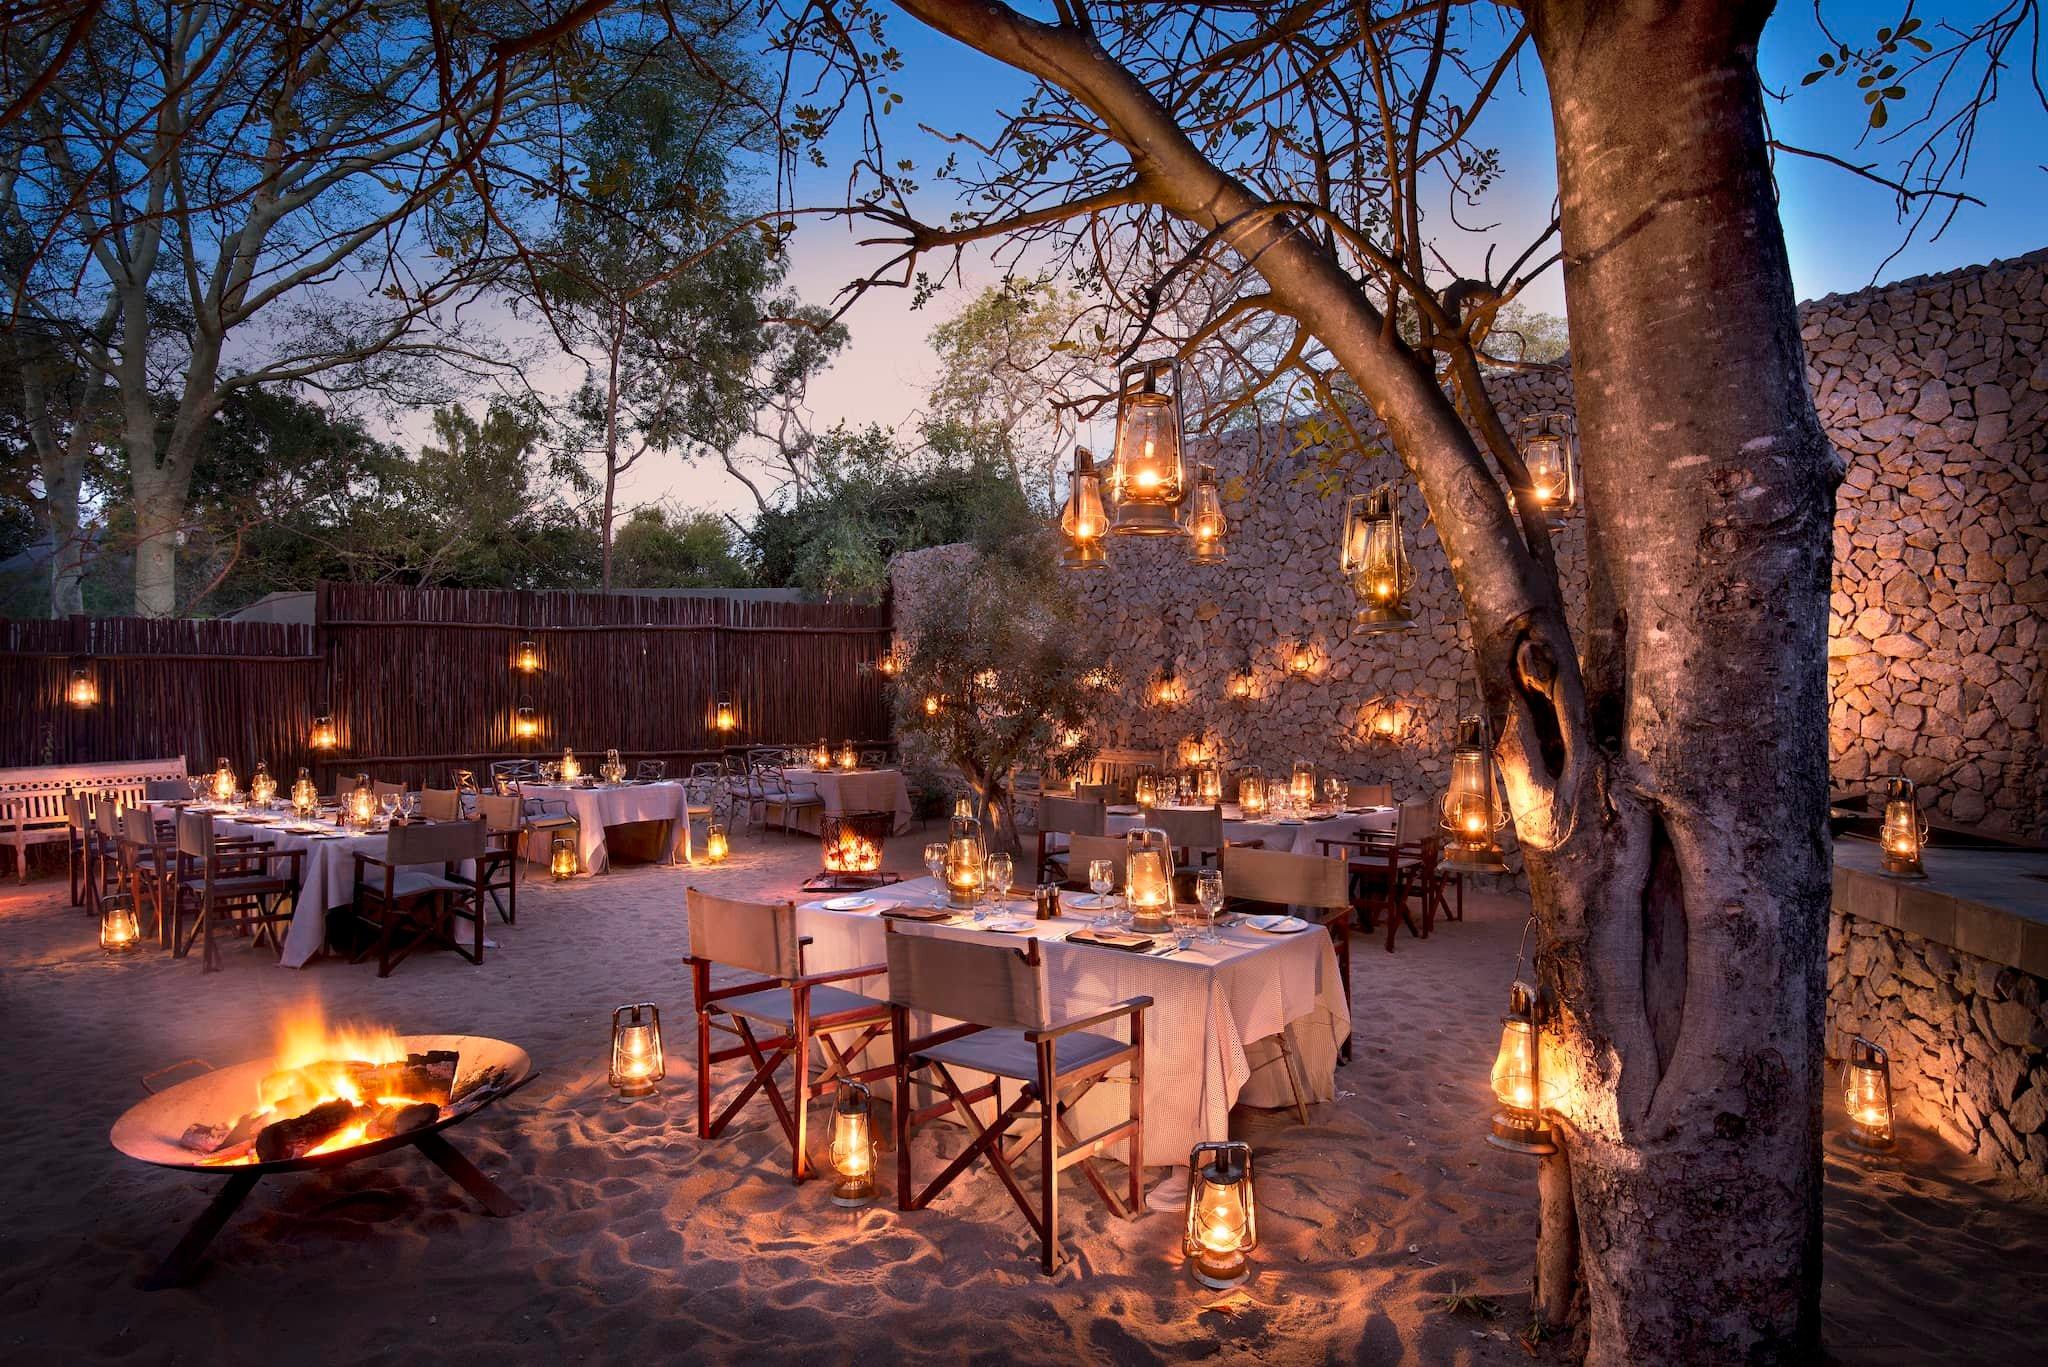 andBeyond-ngala-safari-lodge-exterior-boma-dining-01.jpeg